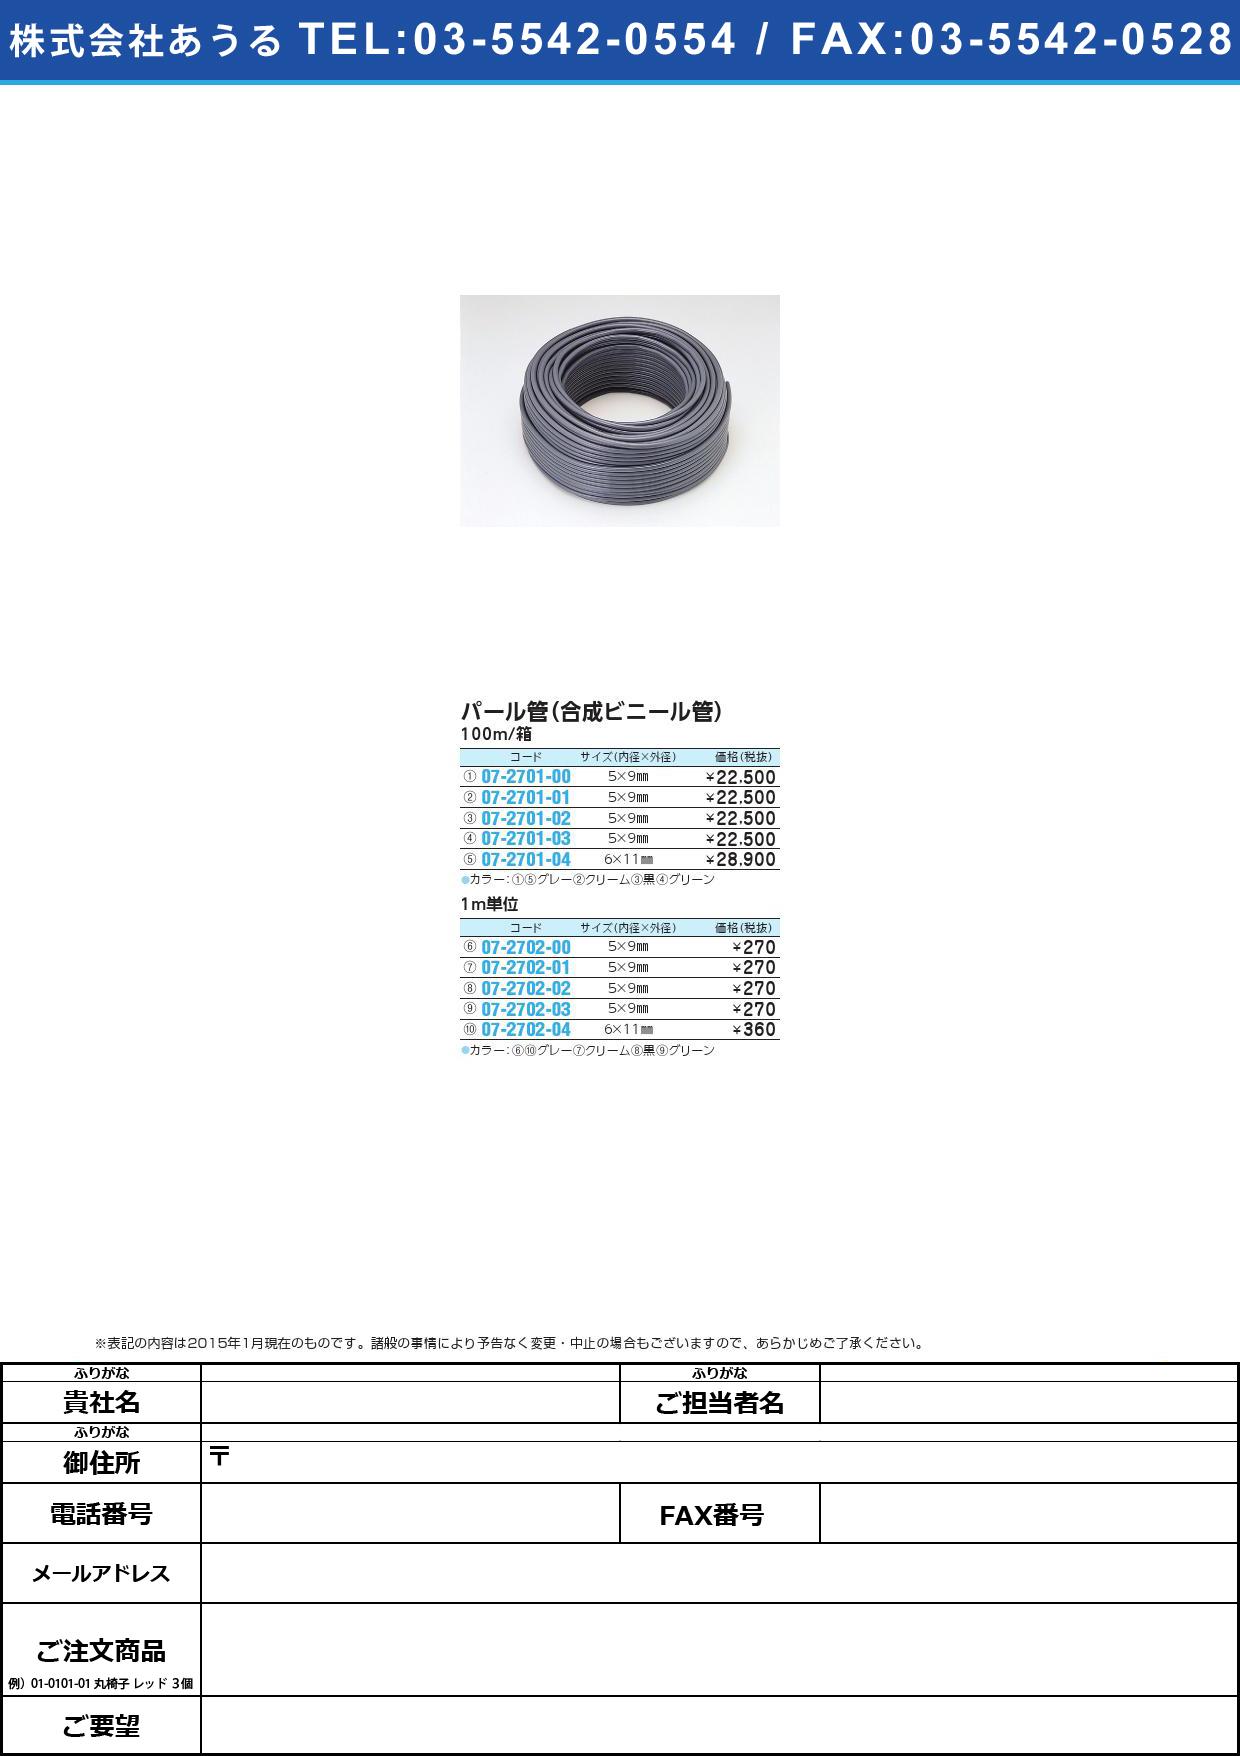 パール管(グリーン) パールカン(グリーン) 5X9MM (100Mイリ)【1巻単位】(07-2701-03)